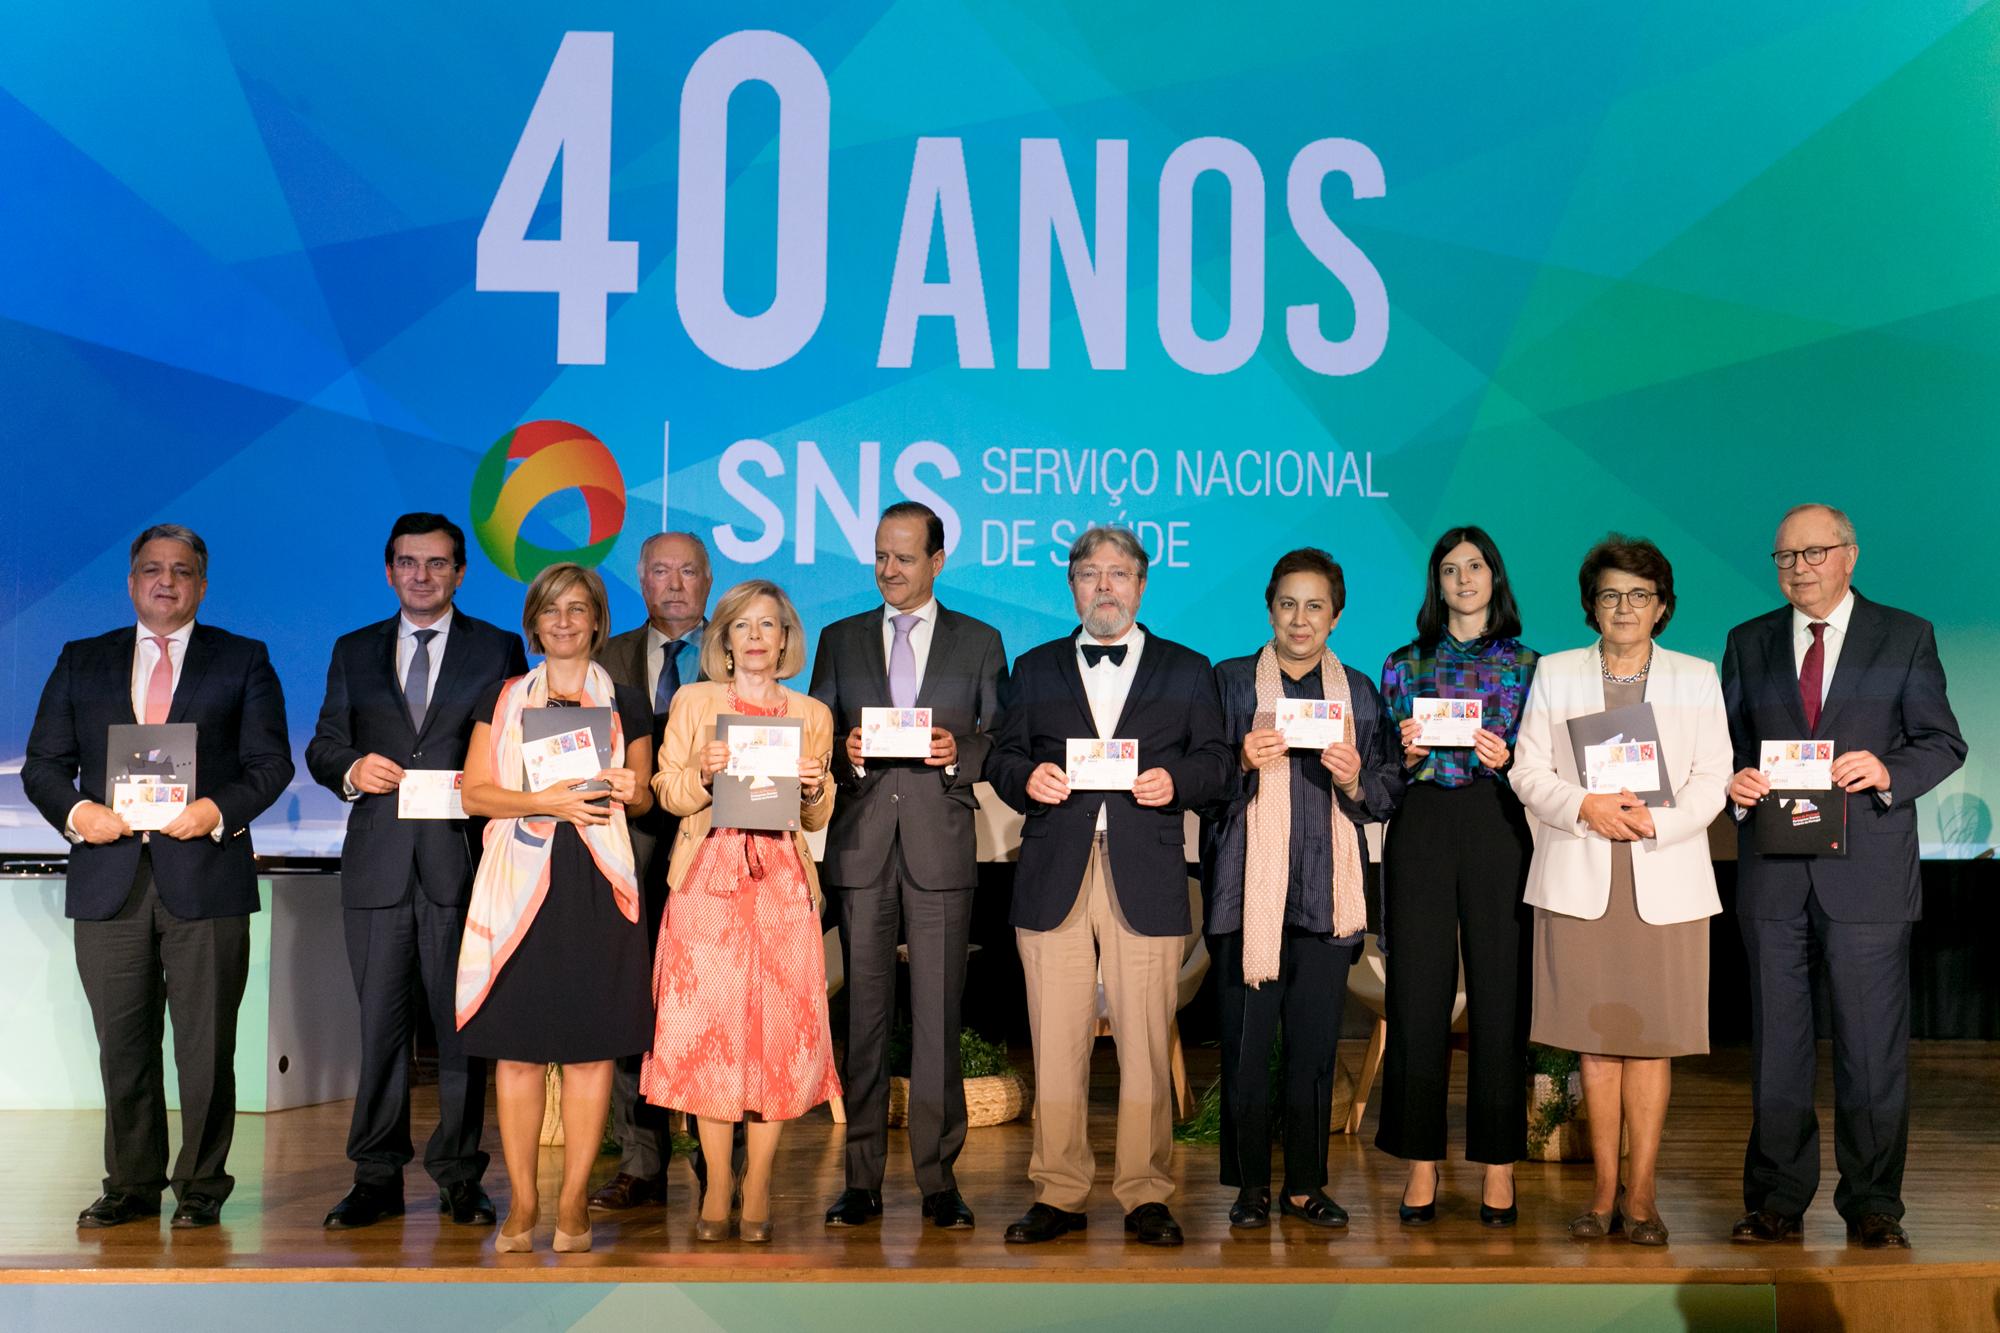 Comemorações do 40º aniversário do SNS